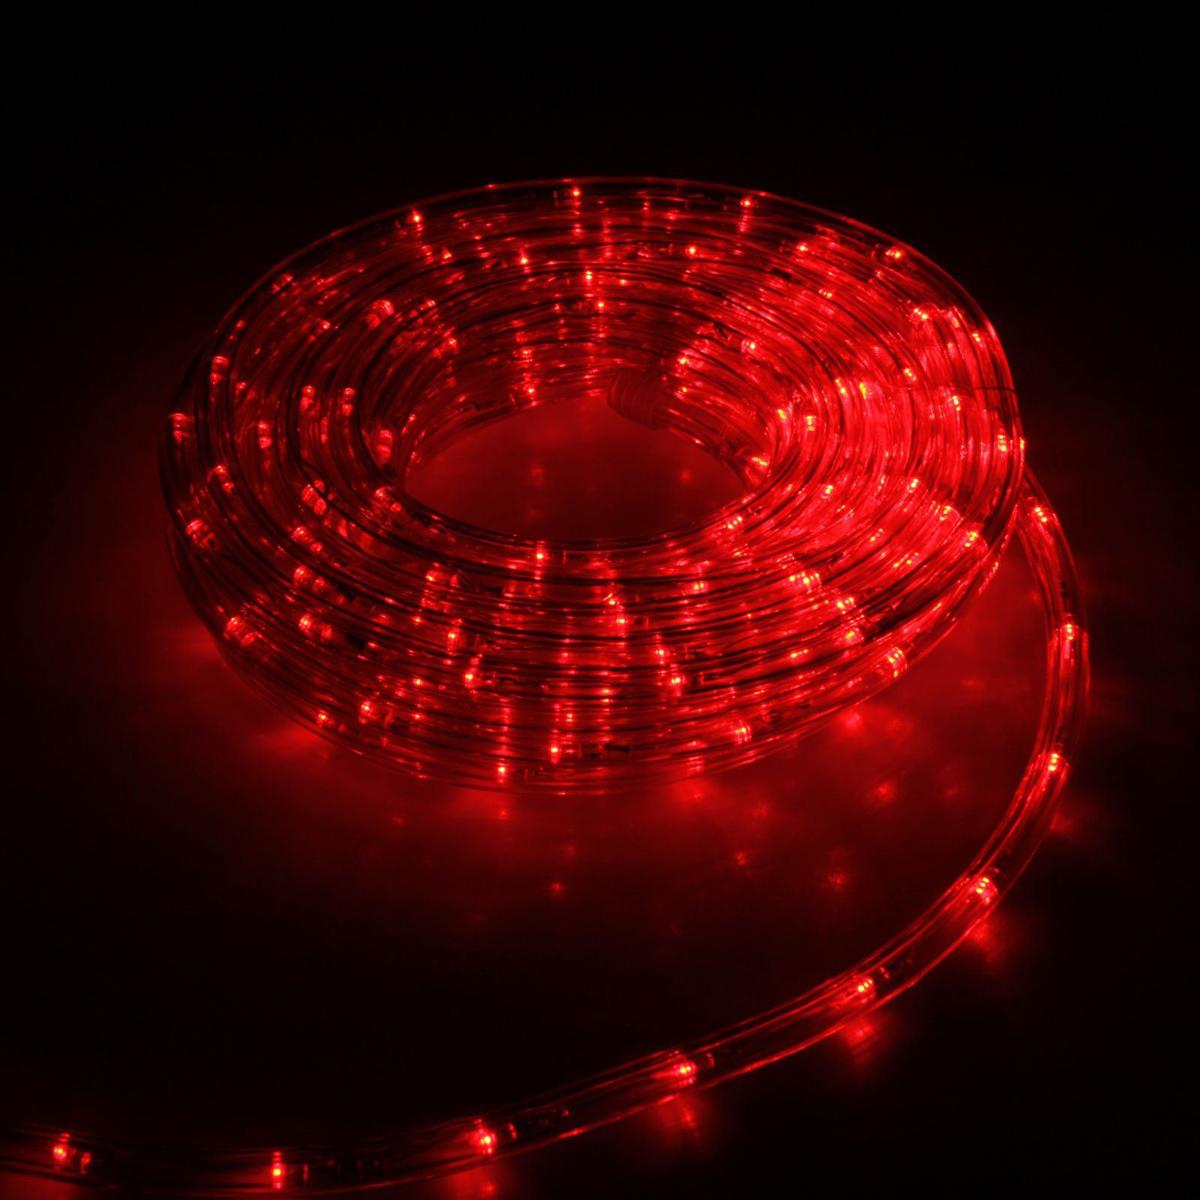 Гирлянда светодиодная Luazon, 240 ламп, 8 режимов, 220 V, цвет: красный, 1 см х 10 м. 15898291589829Светодиодные гирлянды, ленты и т.д — это отличный вариант для новогоднего оформления интерьера или фасада. С их помощью помещение любого размера можно превратить в праздничный зал, а внешние элементы зданий, украшенные ими, мгновенно станут напоминать очертания сказочного дворца. Такие украшения создают ауру предвкушения чуда. Деревья, фасады, витрины, окна и арки будто специально созданы, чтобы вы украсили их светящимися нитями.